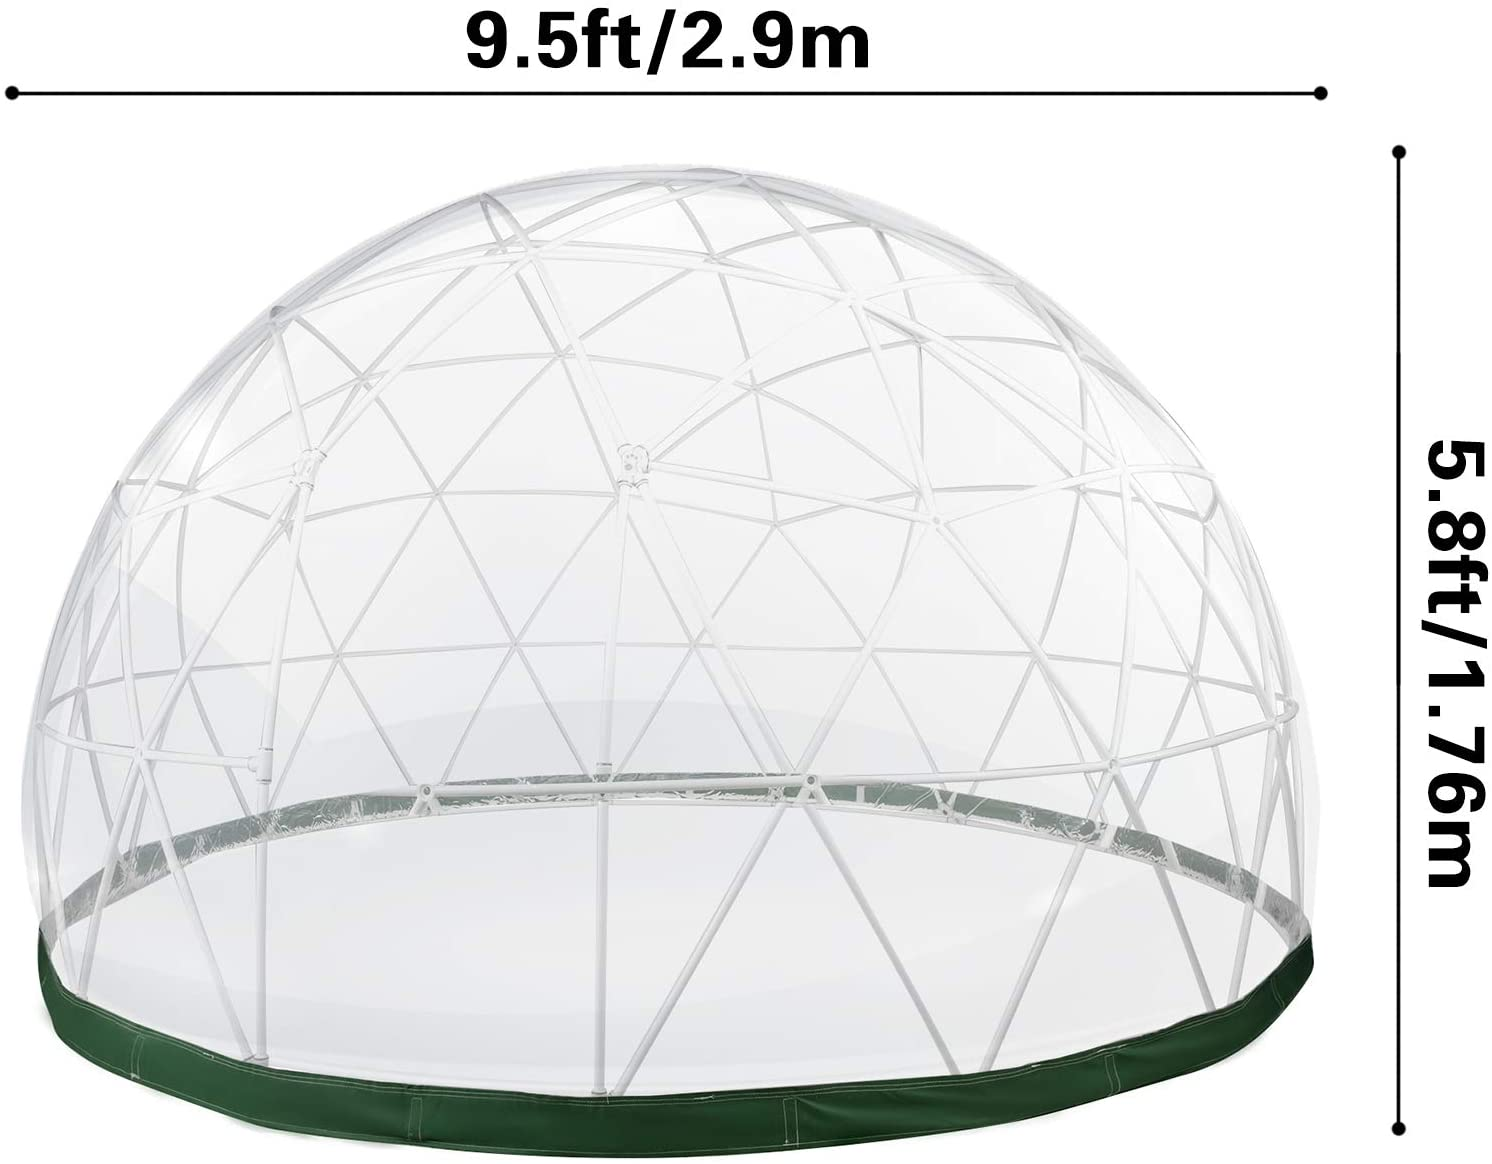 Patiolife Geodesic Garden Dome